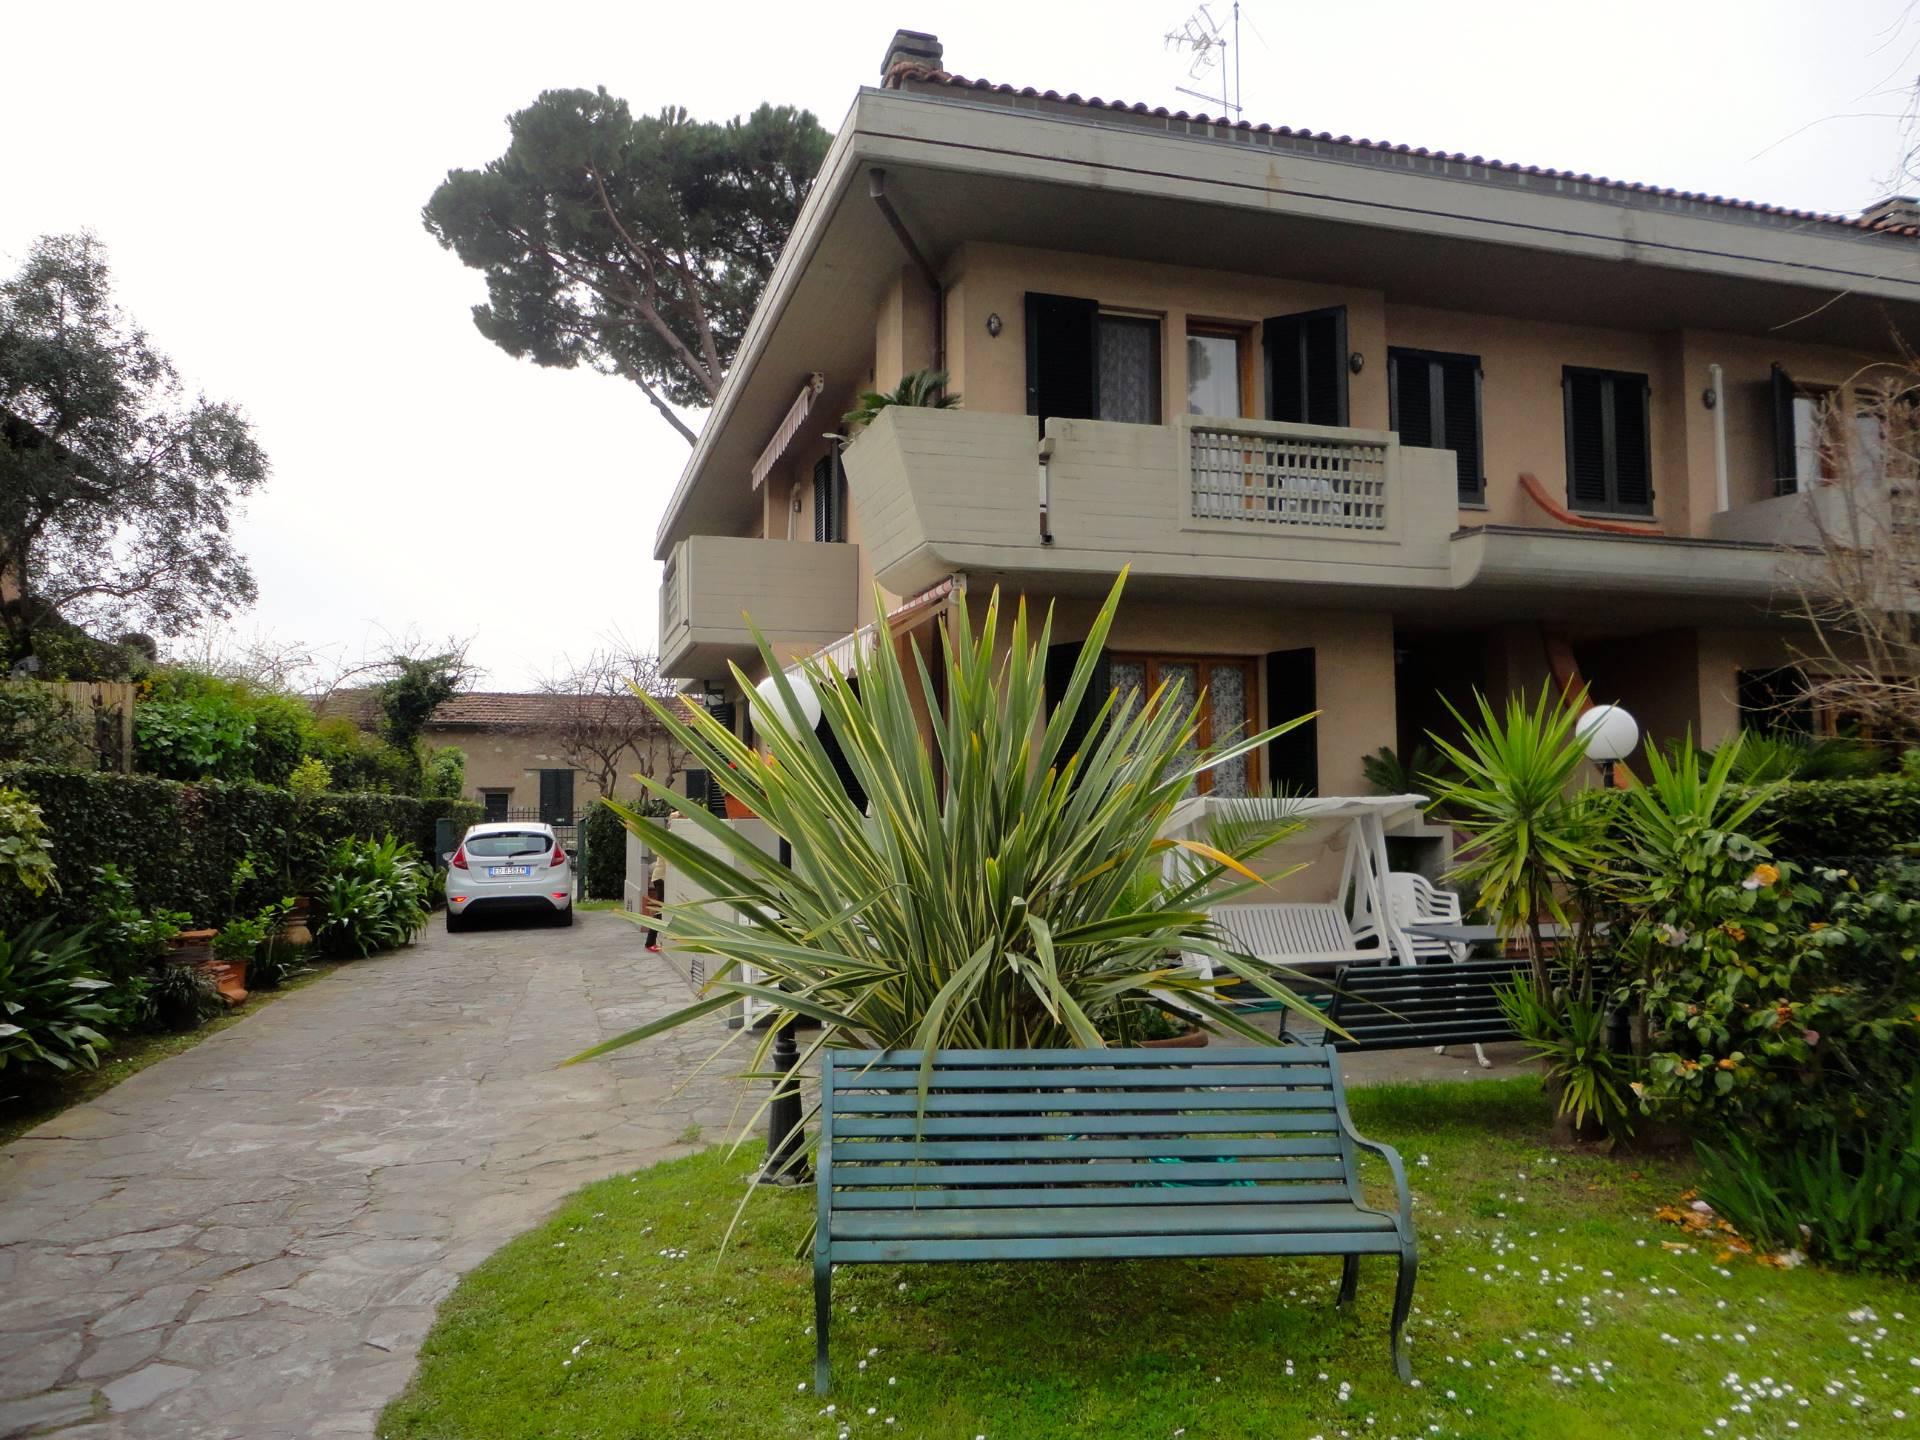 Villa Bifamiliare in Affitto a Forte dei Marmi